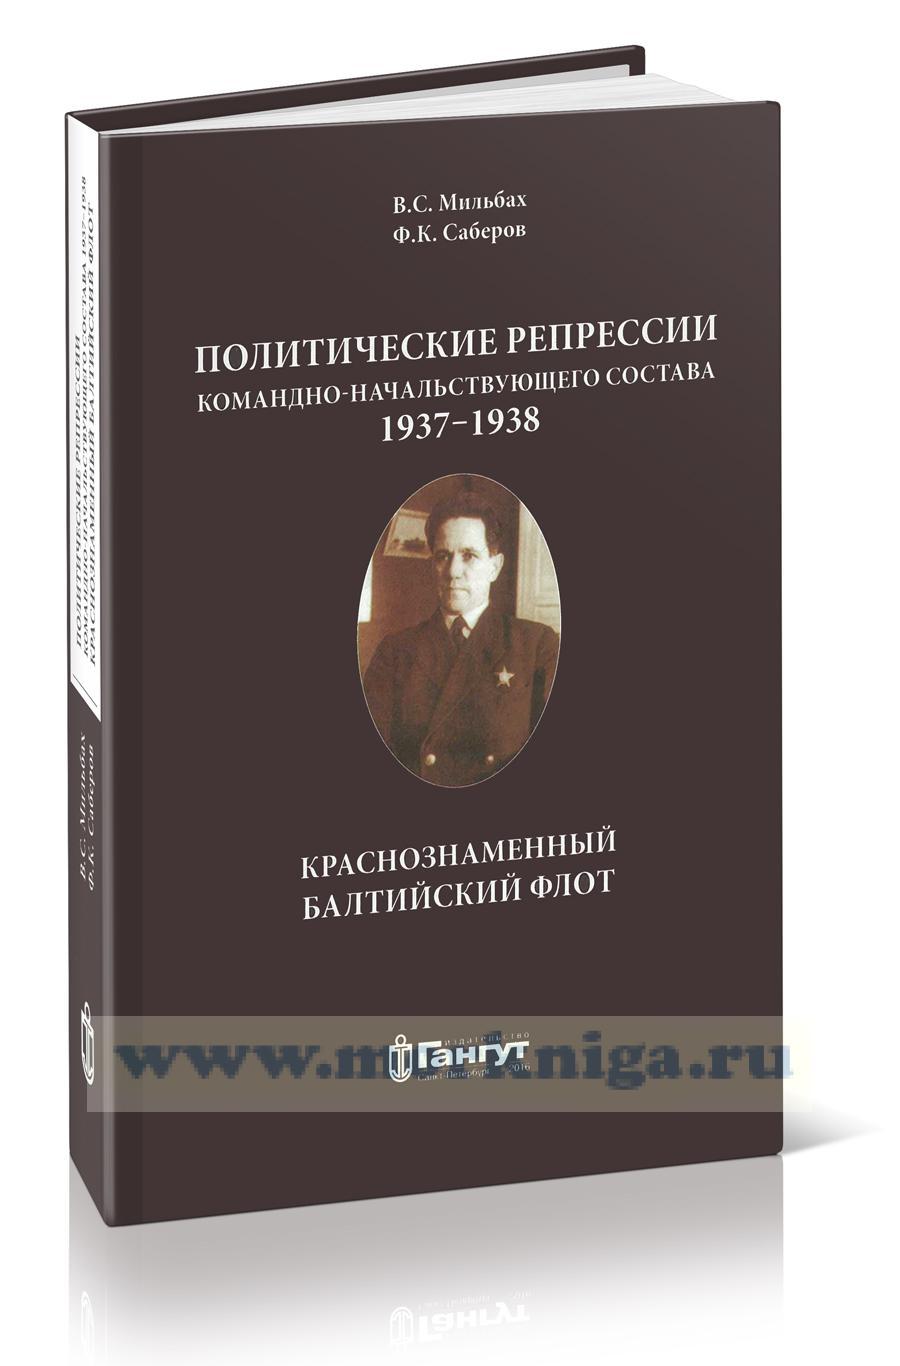 Политические репрессии командно-начальствующего состава. 1937-1938 гг. Краснознаменный Балтийский флот